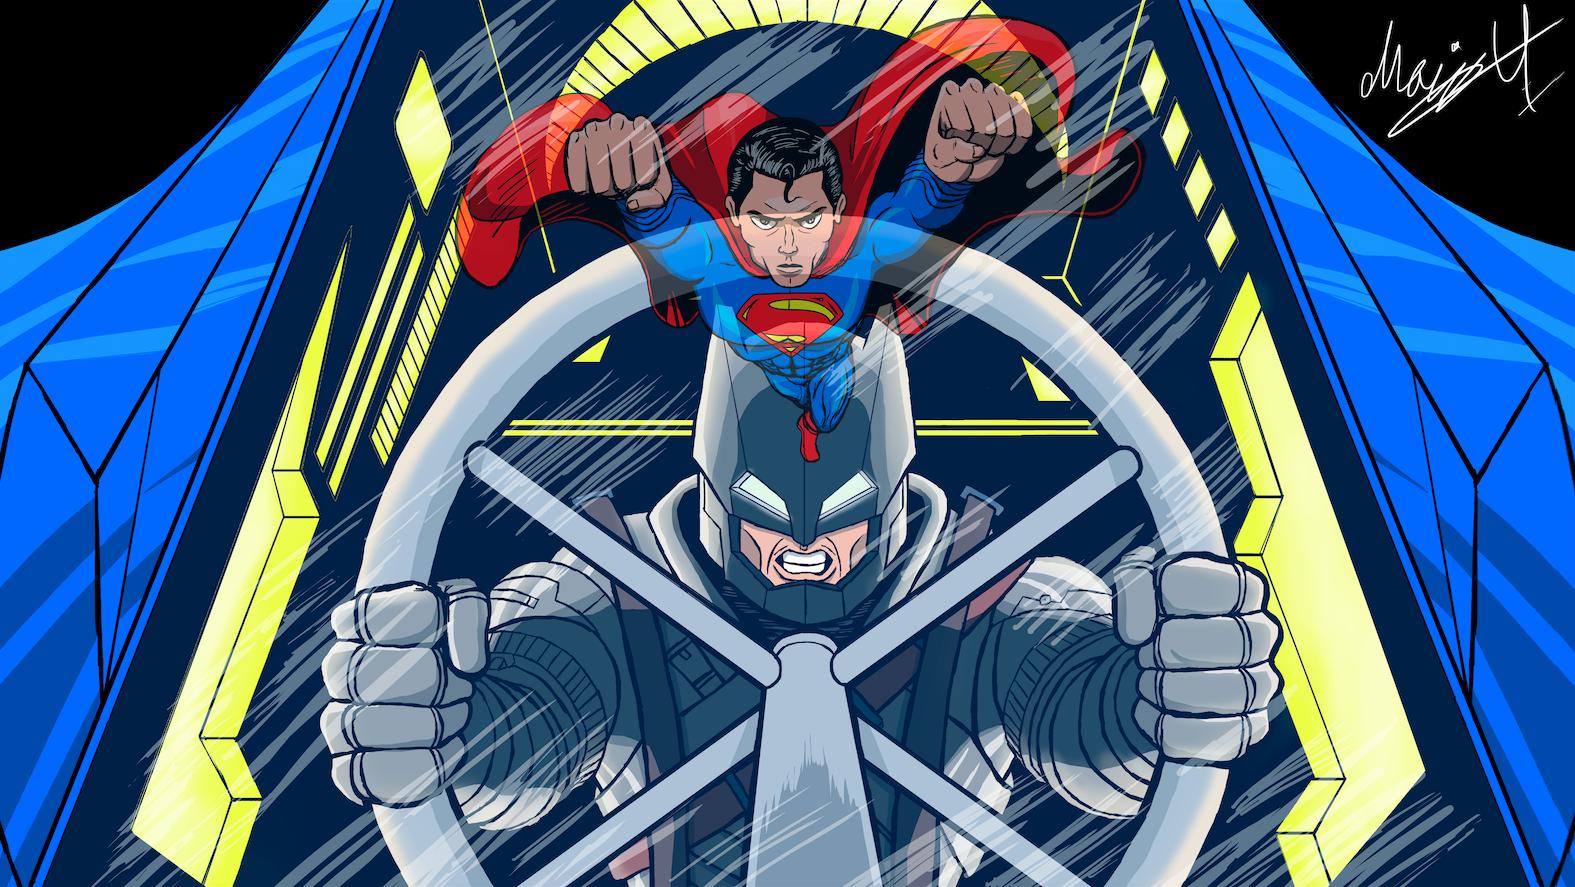 Color Batman V Superman Talenthouse Contest entry